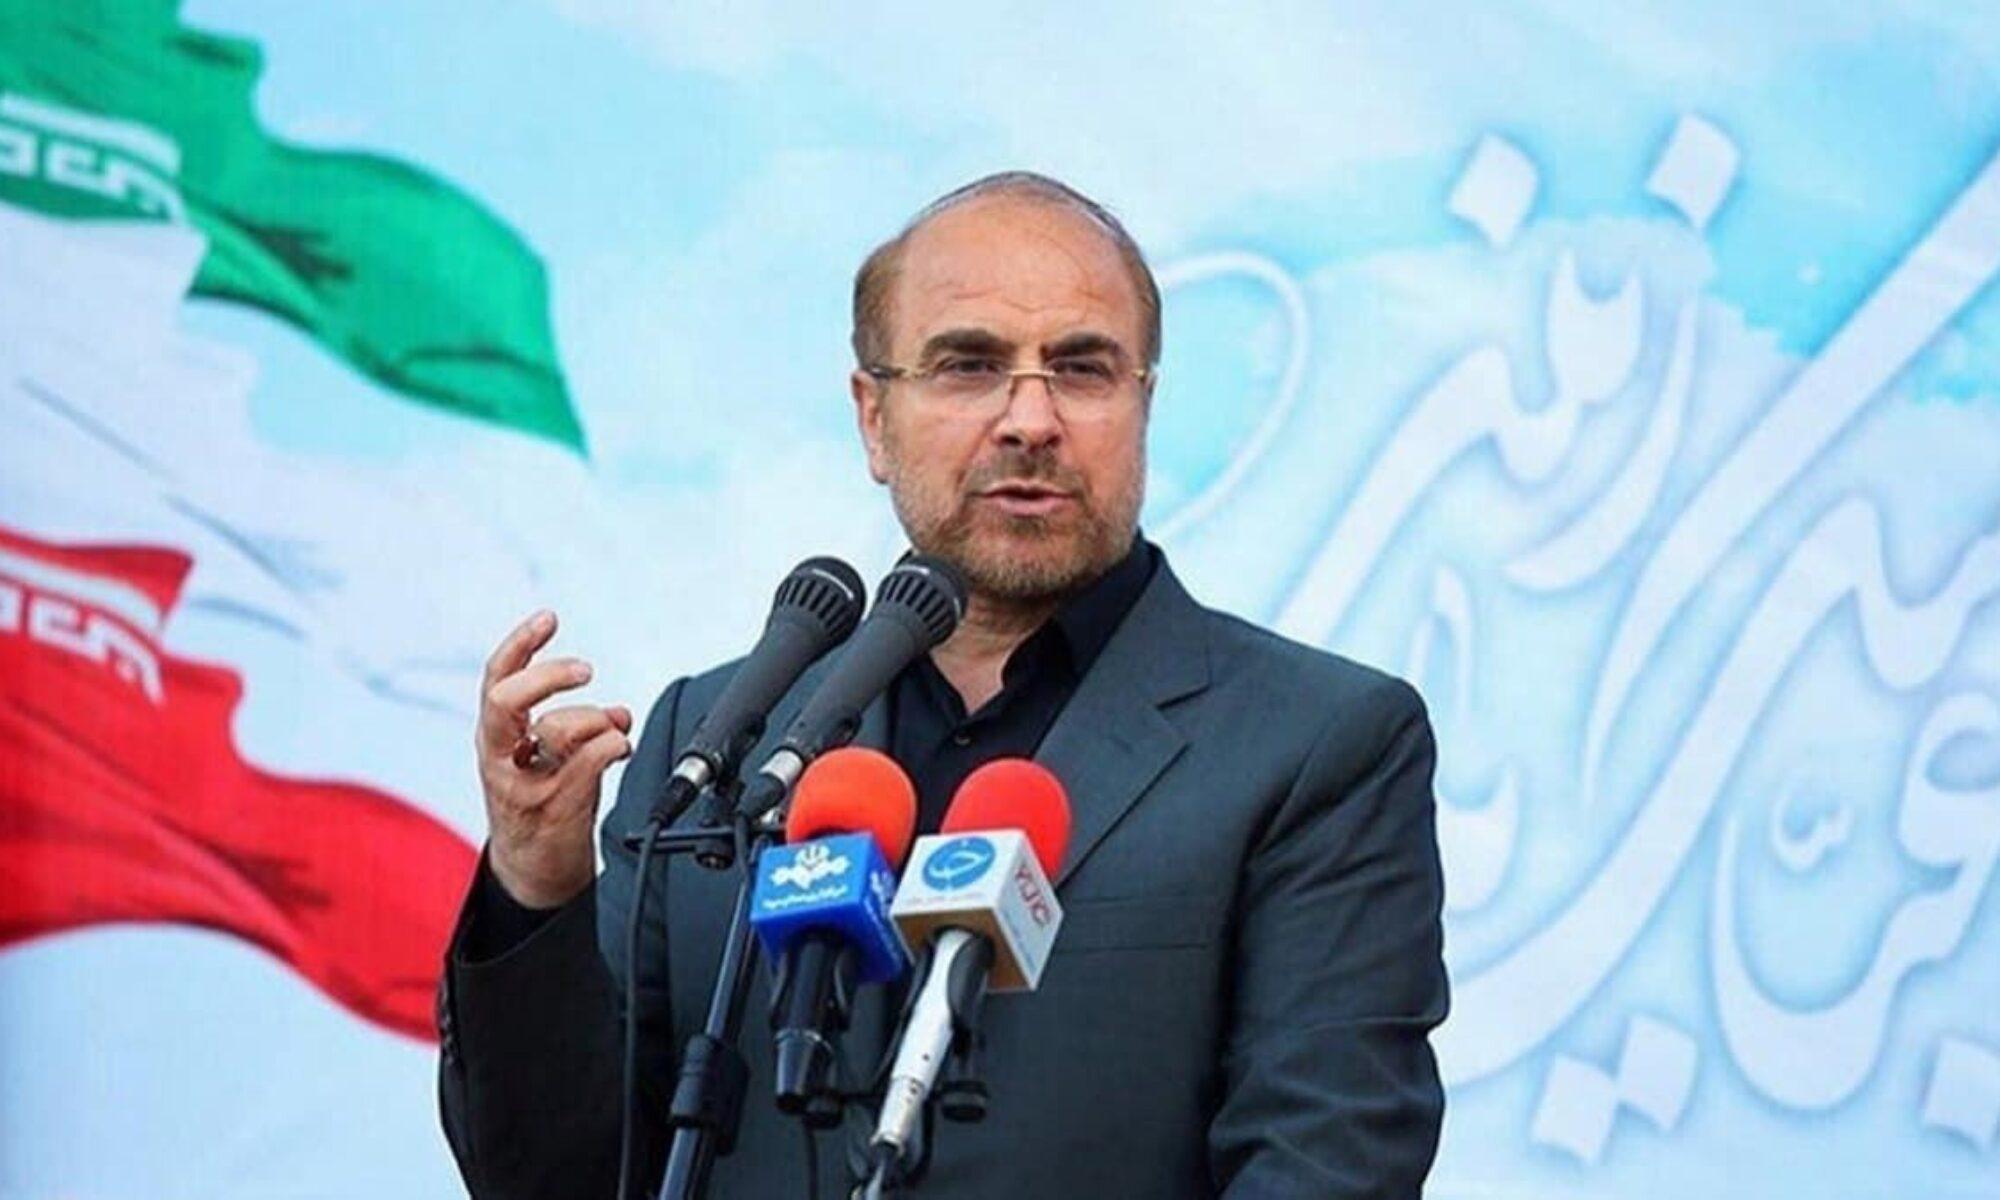 Cevat Zarif'in Kasım Süleymani yorumlarına ilk tepki Parlamento başkanı Kalibaf'tan geldi